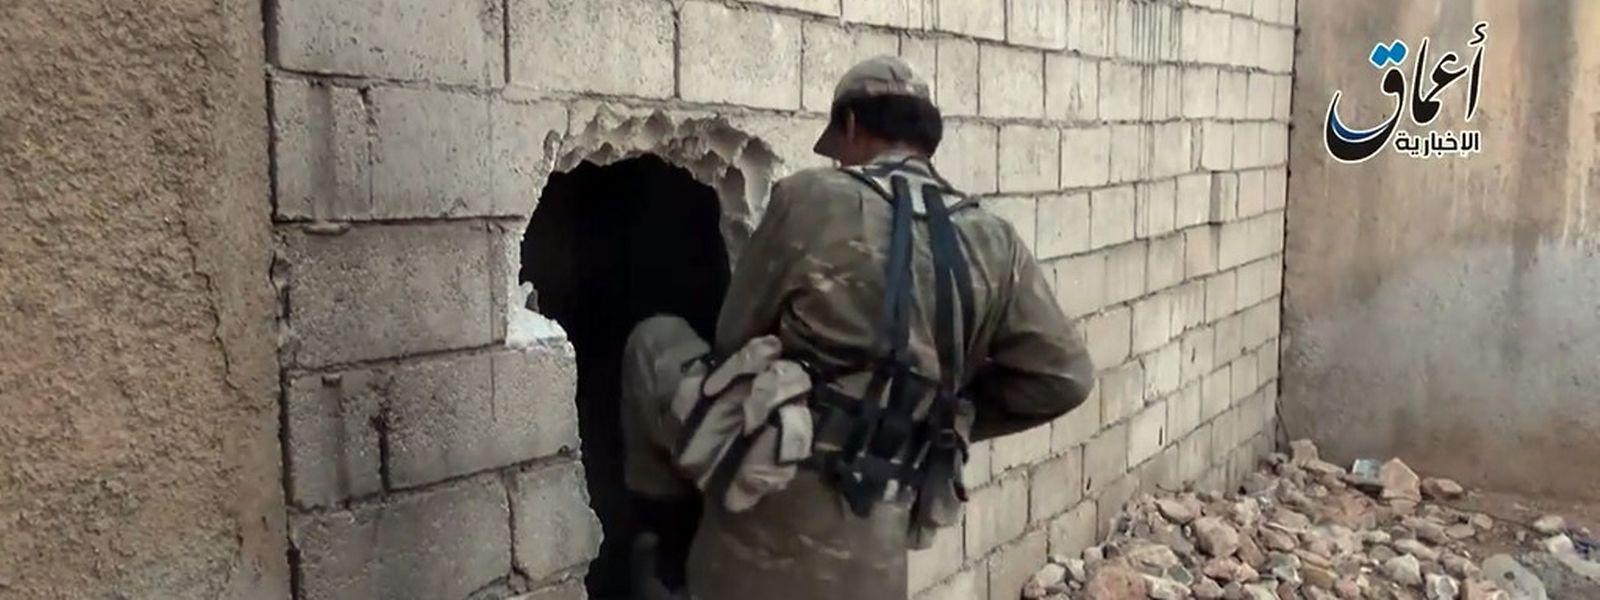 Luxemburg ist derzeit nicht mit einer akuten Terror Gefahr durch die  IS-Miliz konfrontiert.